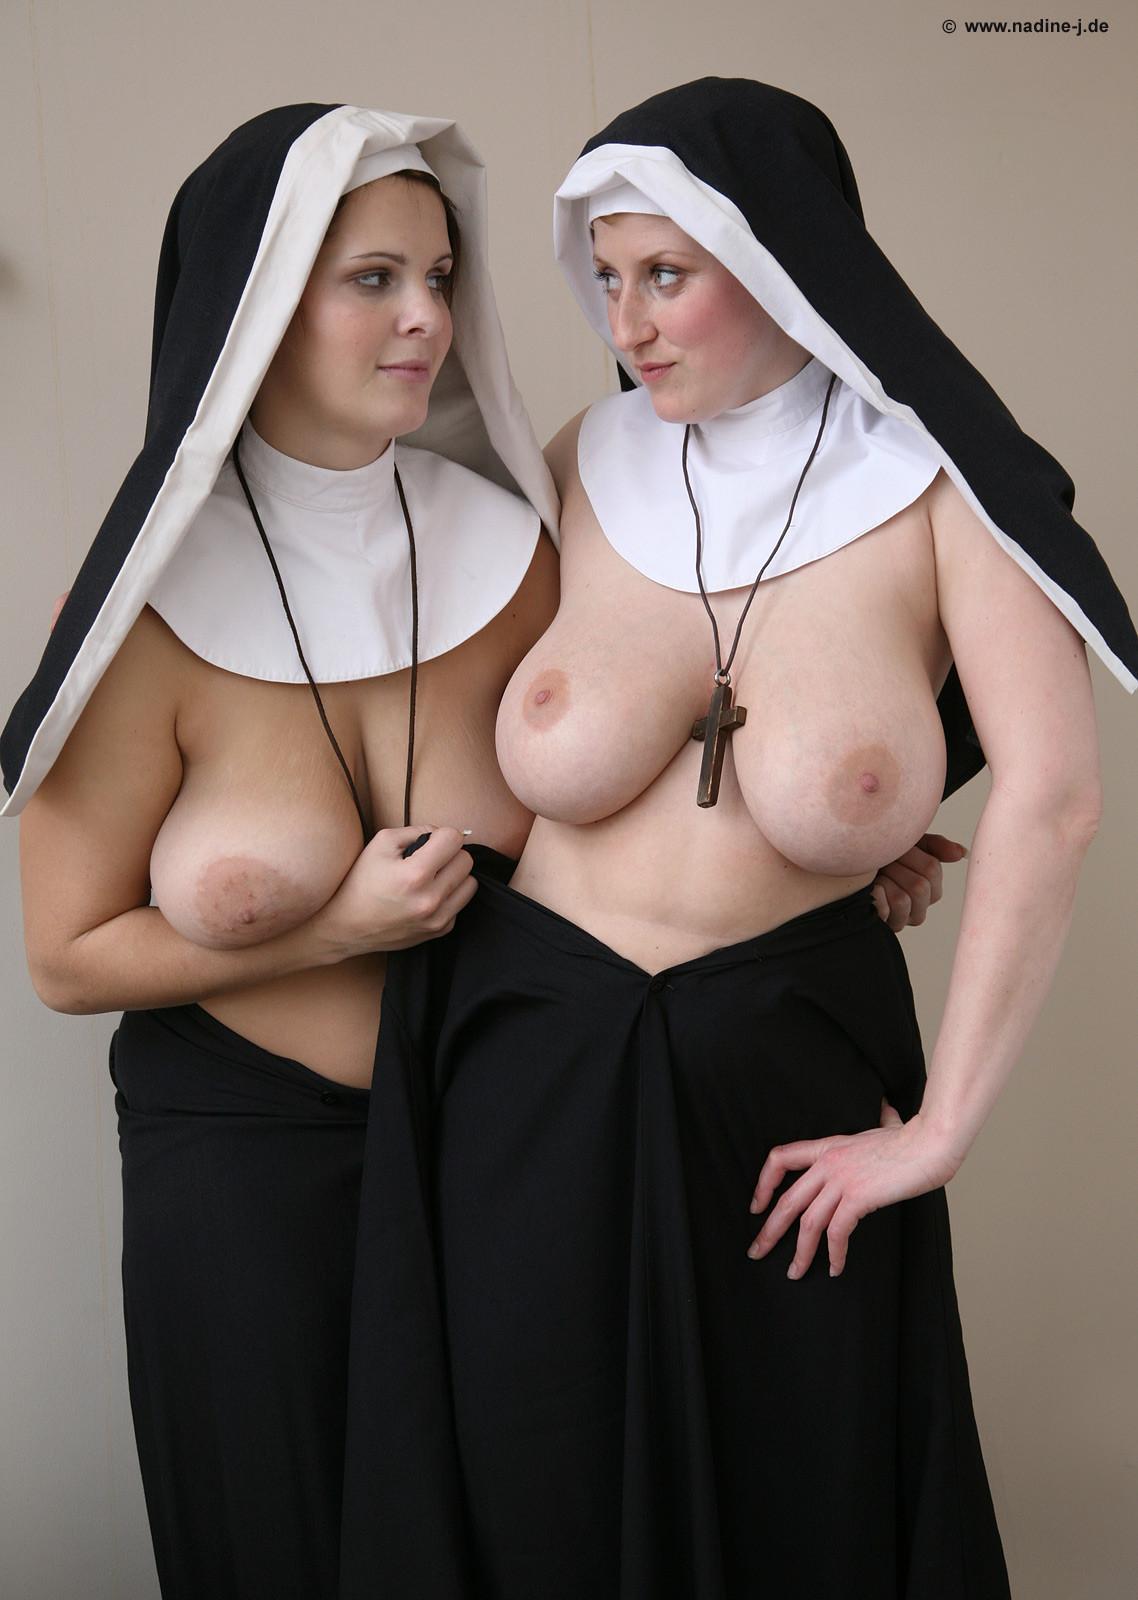 Xxx naked nun